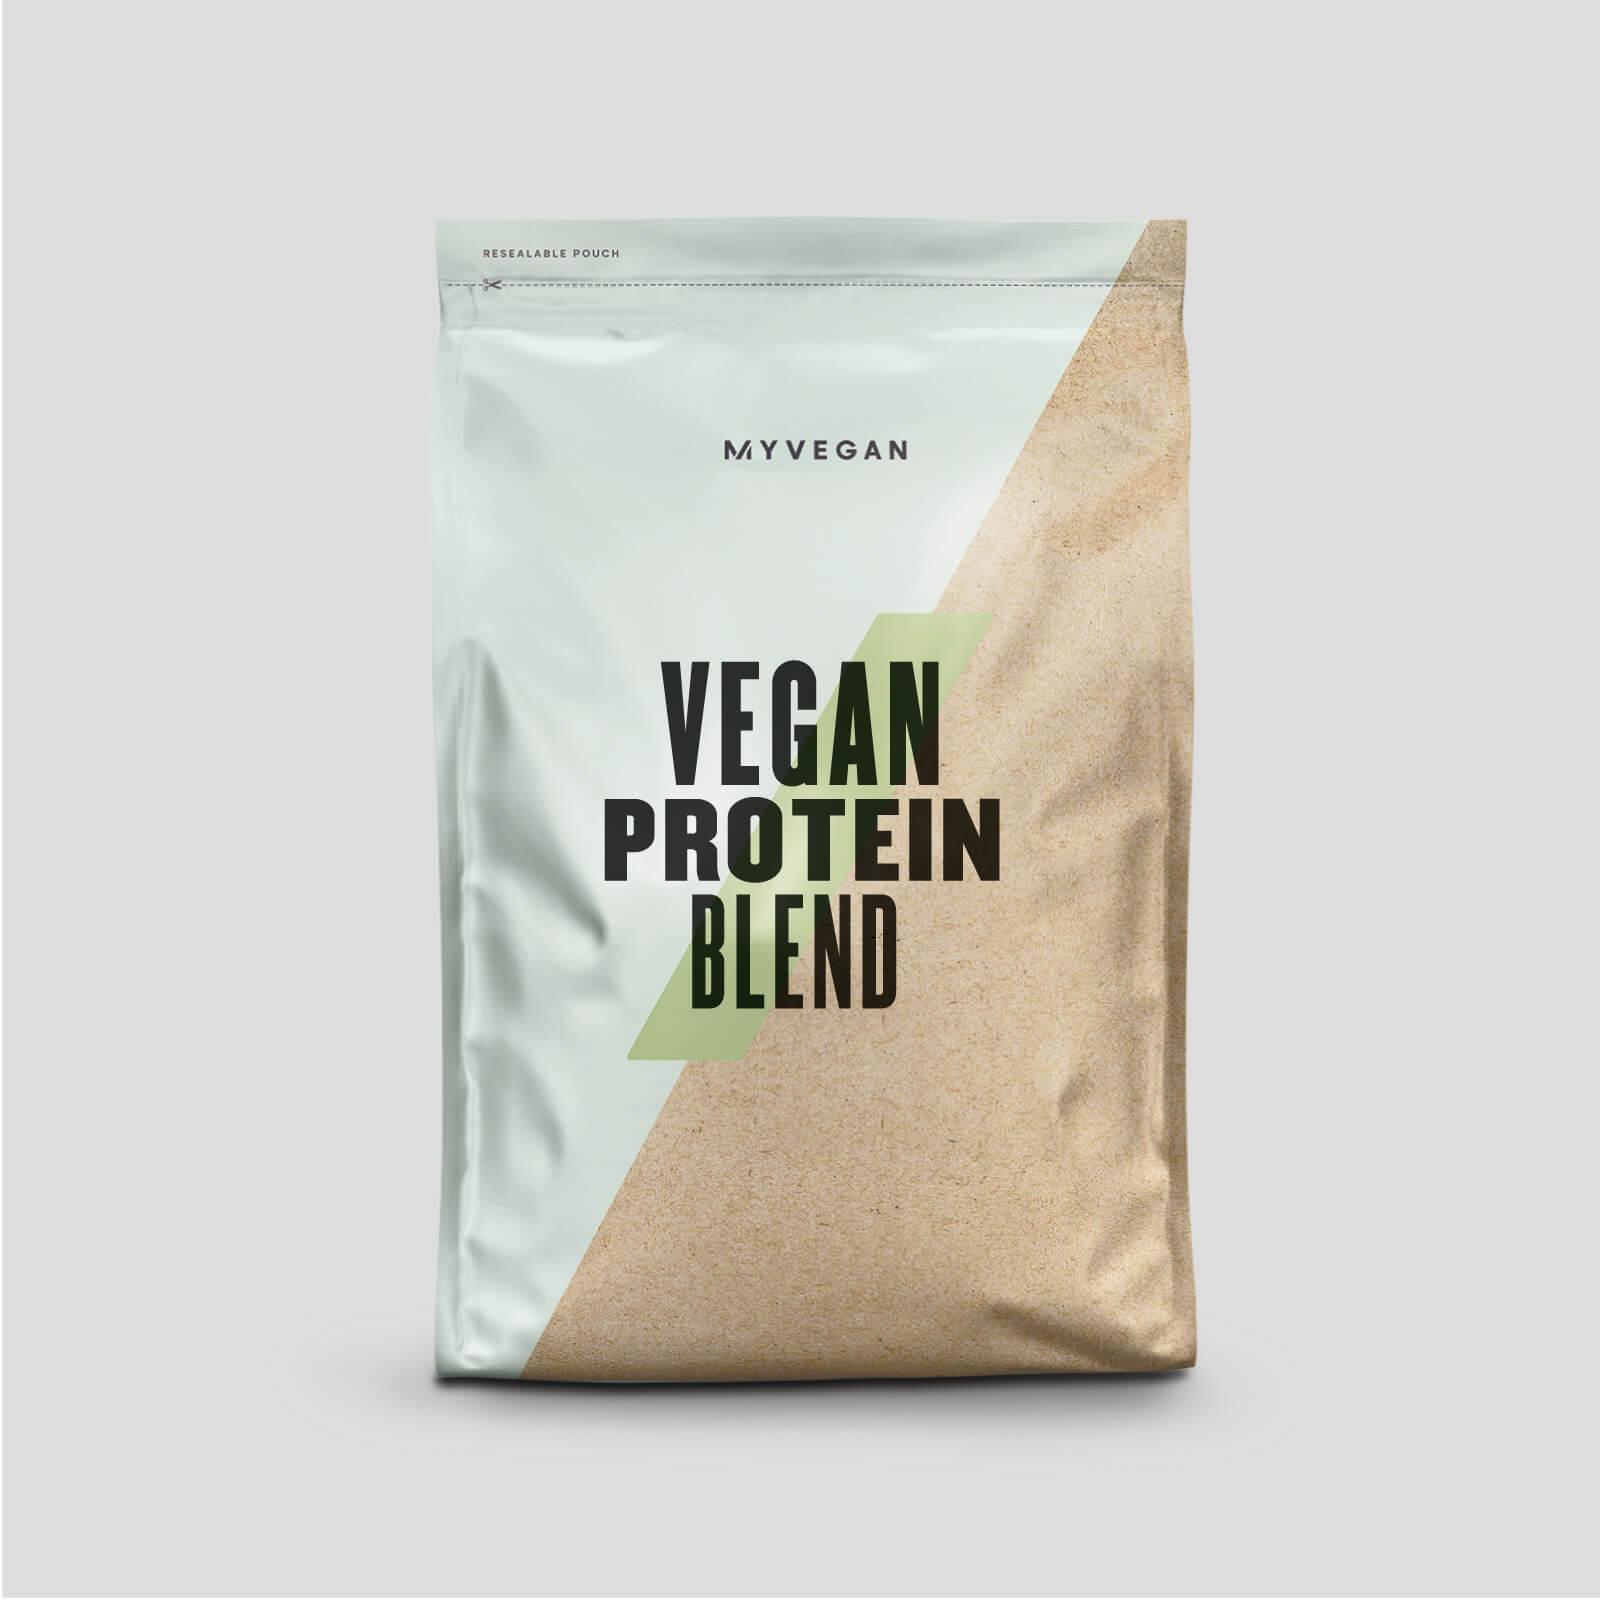 Myvegan Mélange de protéines végétales - 500g - Blueberry and Cinnamon